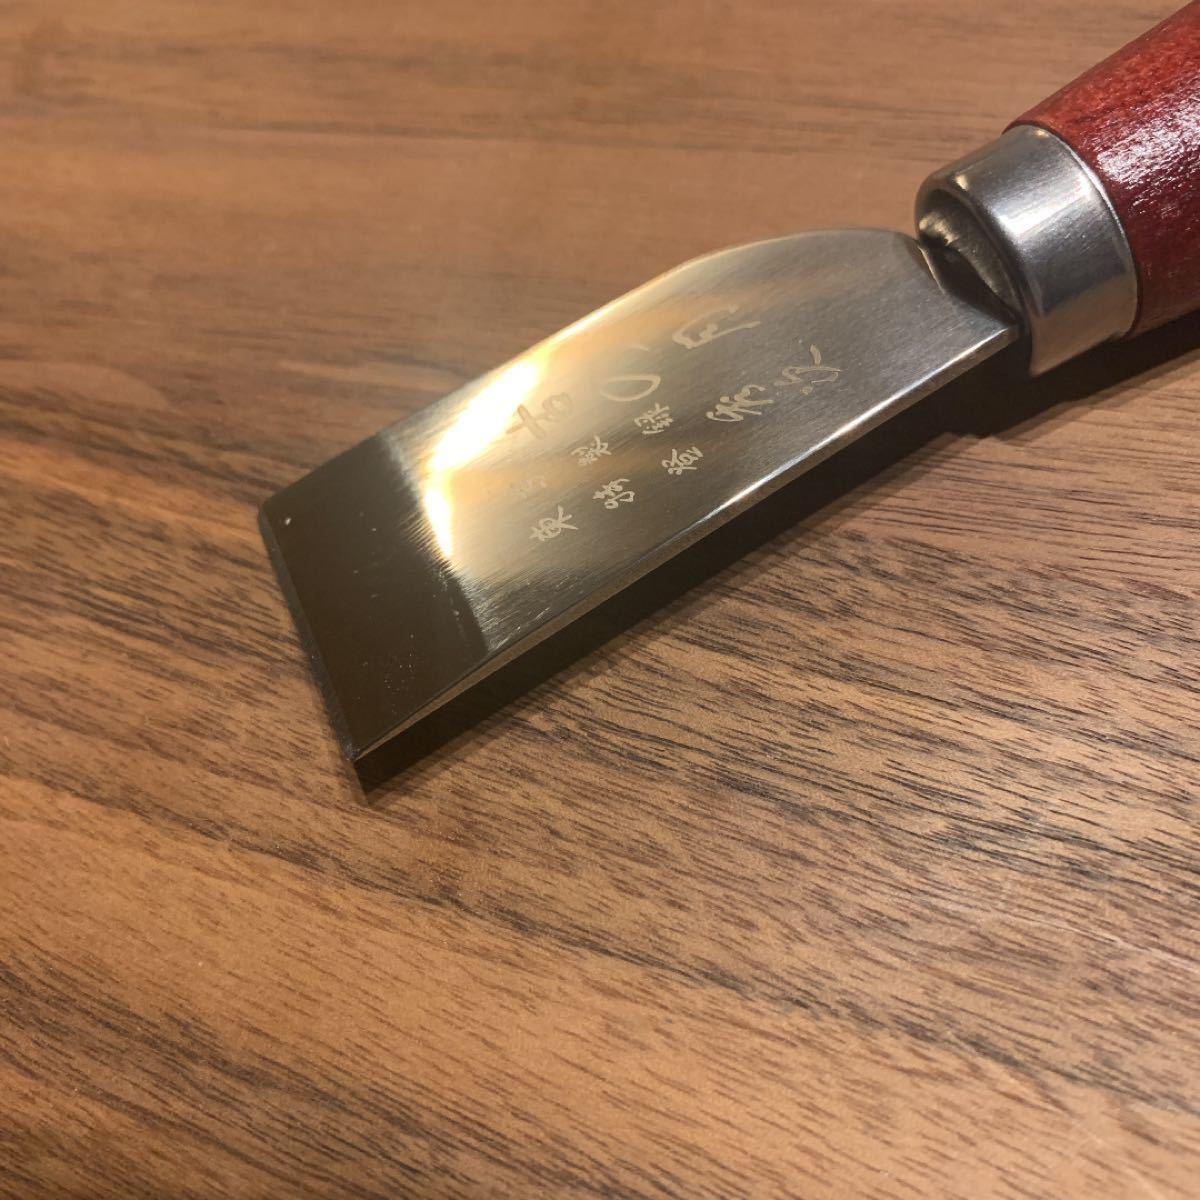 革包丁 レザークラフト 工具  道具セット  革切り包丁   革 裁断